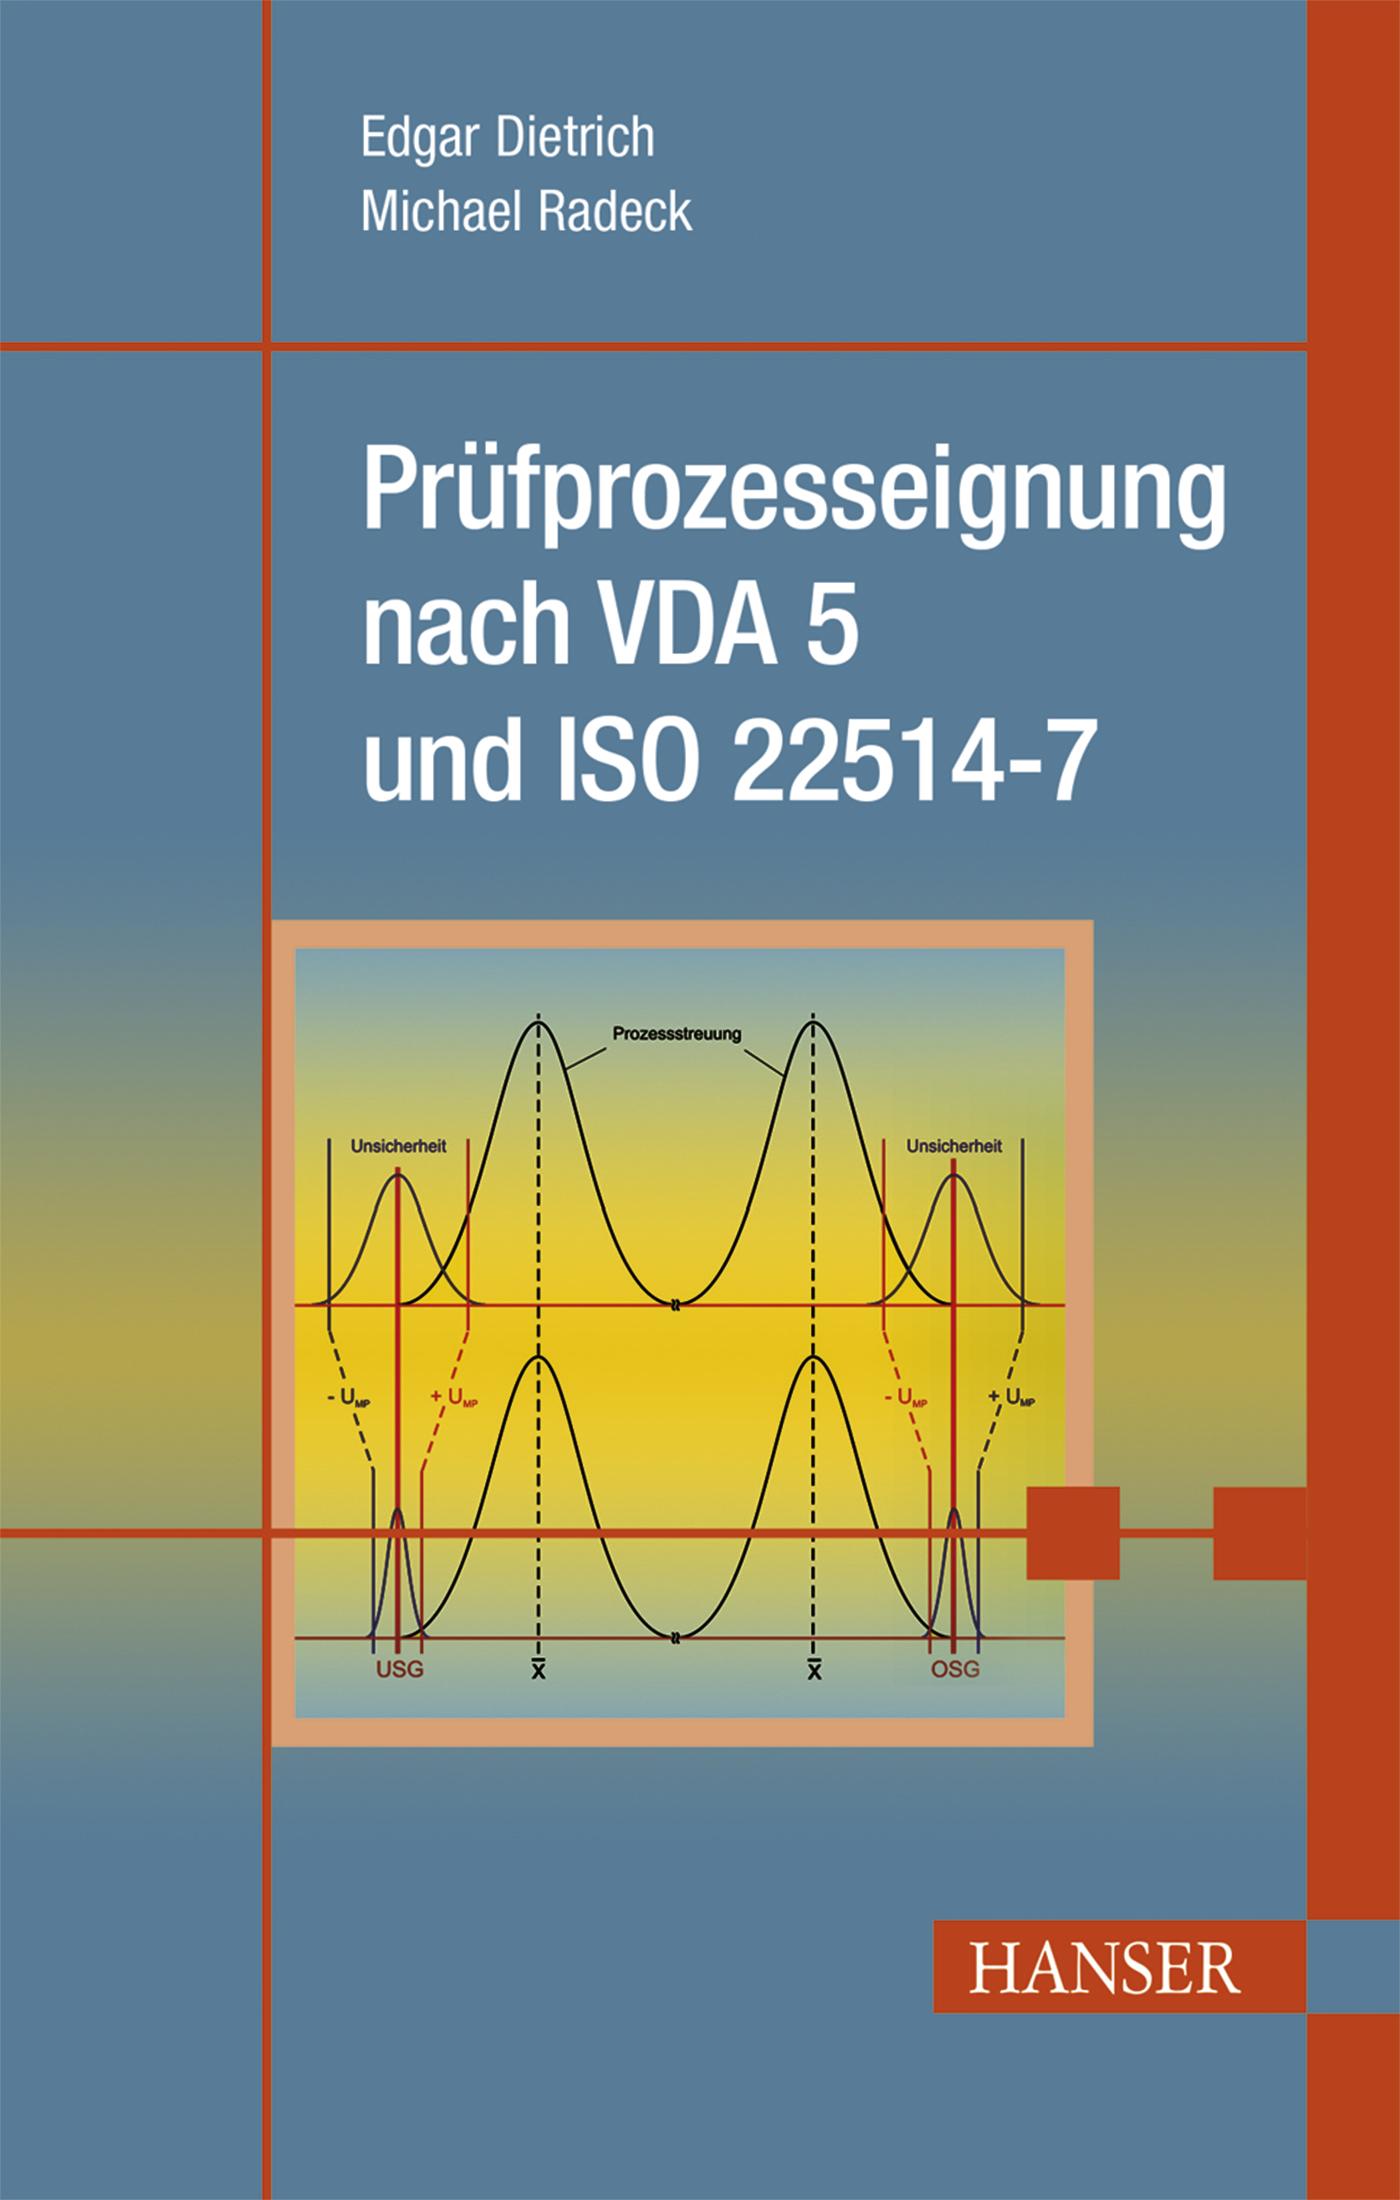 Dietrich, Radeck, Prüfprozesseignung nach VDA 5 und ISO 22514-7, 978-3-446-44332-7